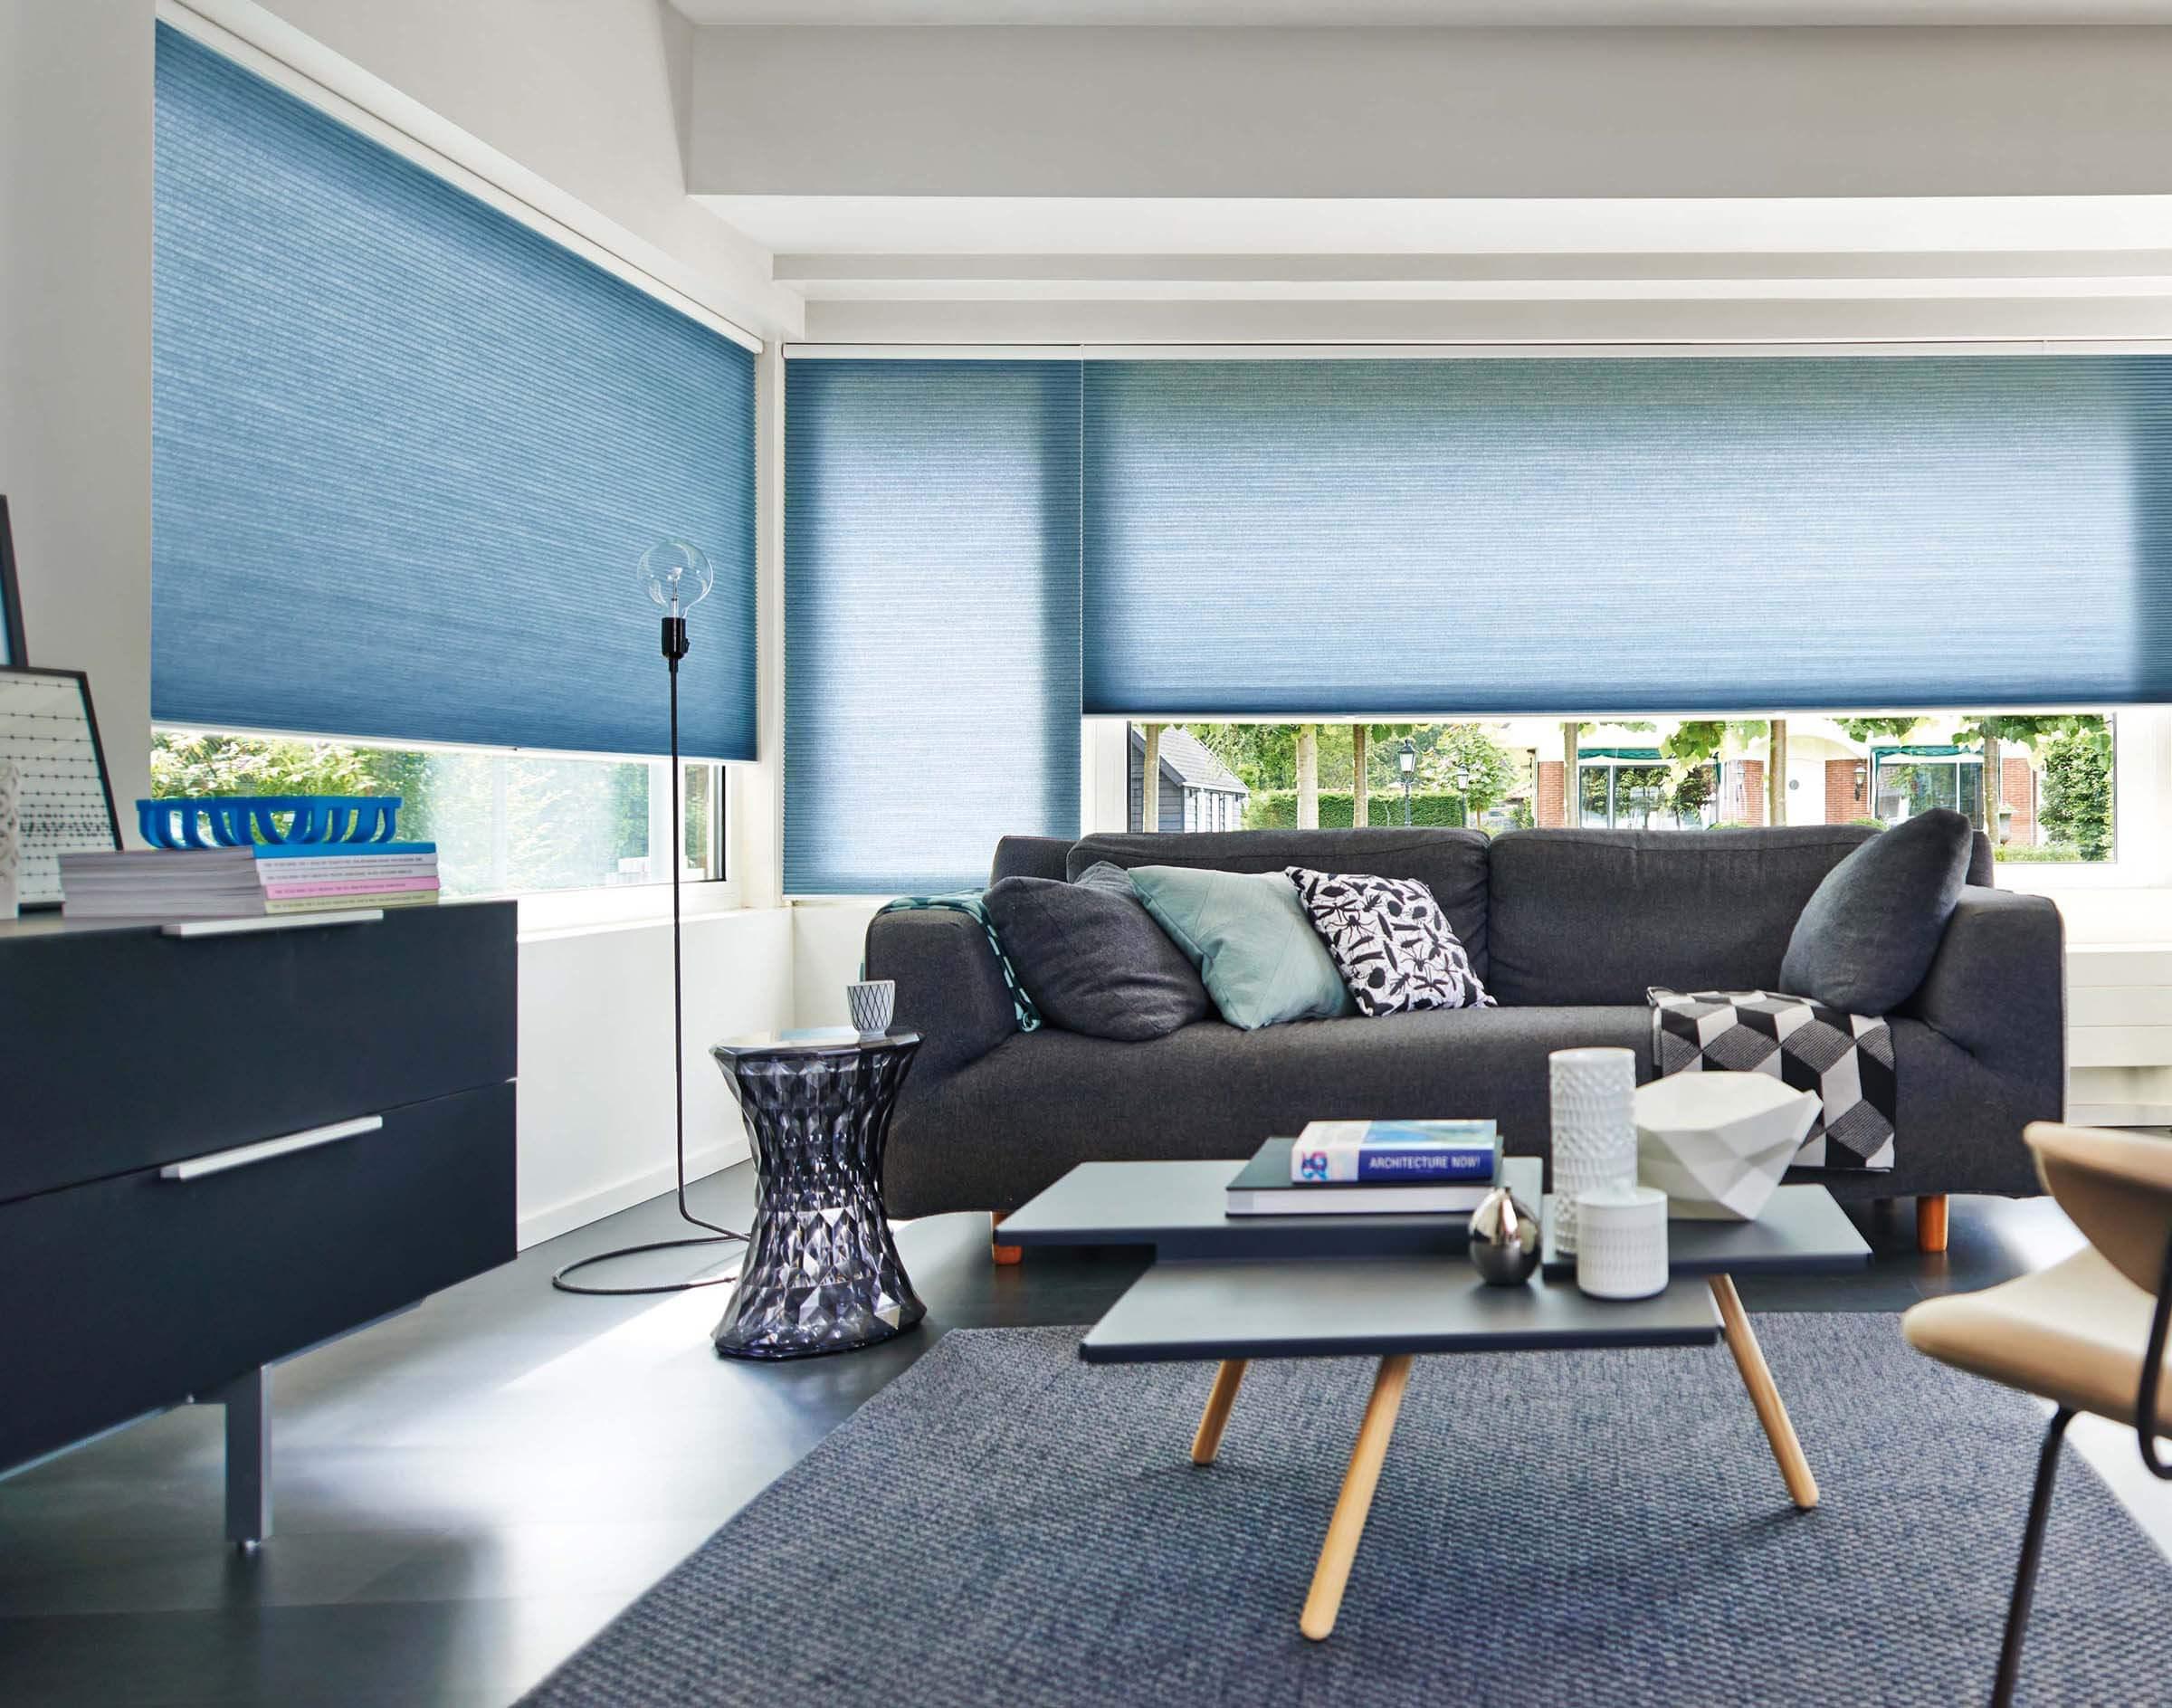 Elektrische Wabenplissees Farbe Blau im Wohnzimmer